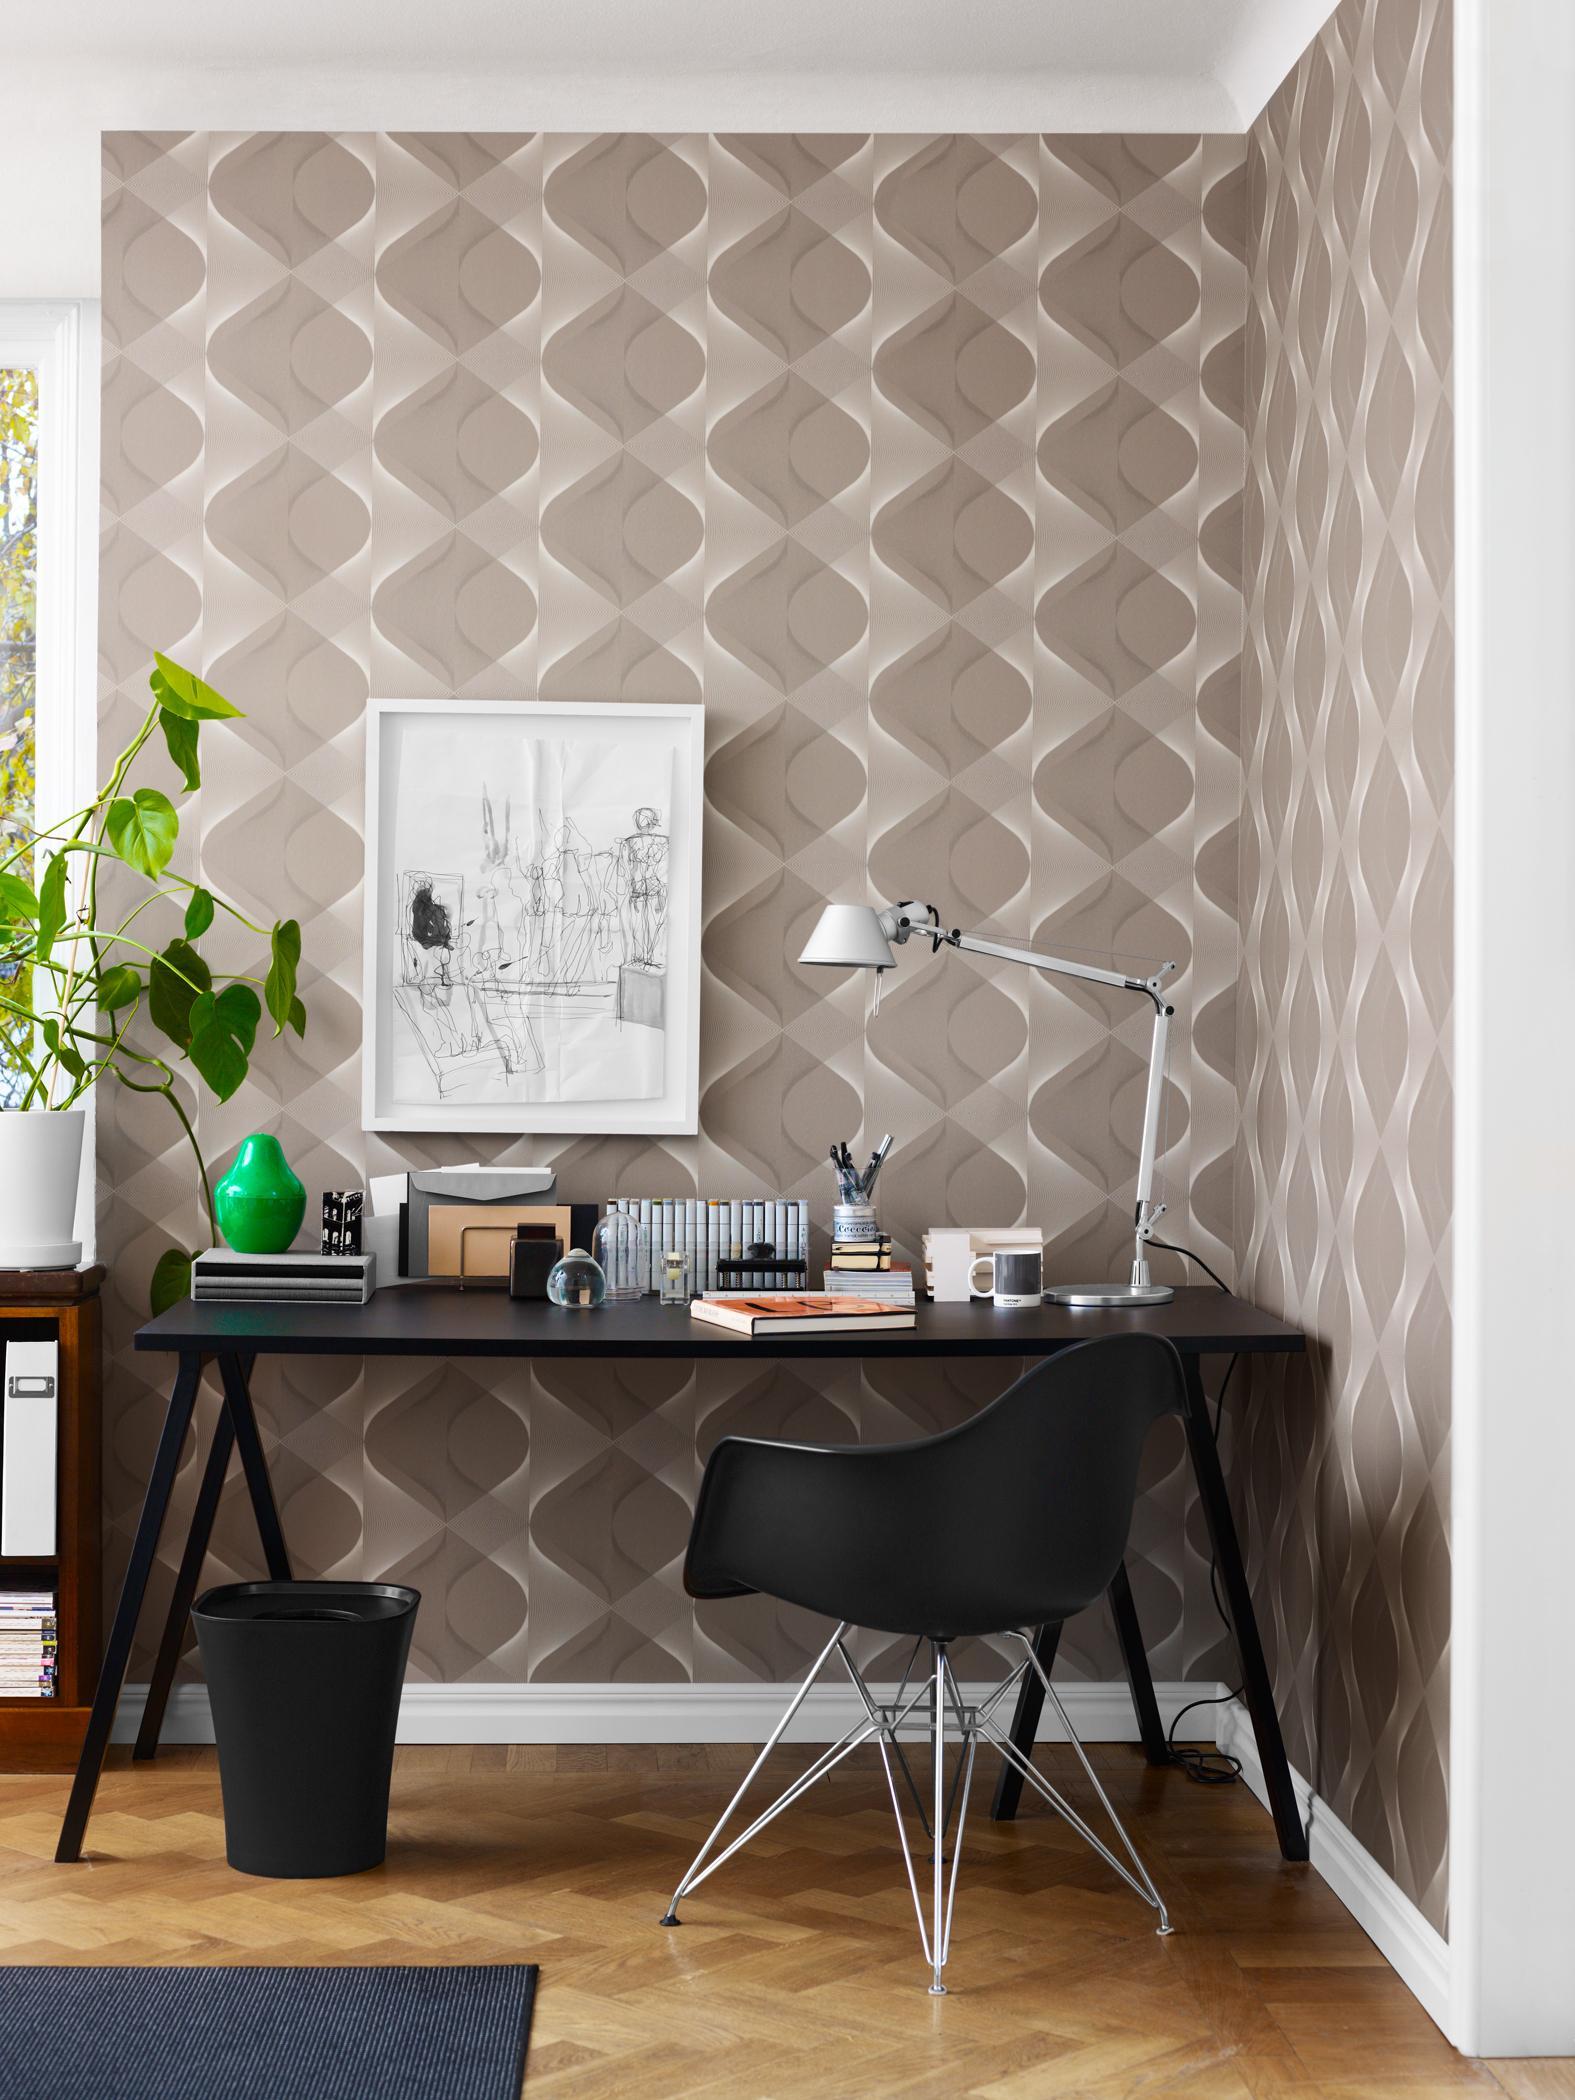 arbeitszimmer gestalten • bilder & ideen • couch